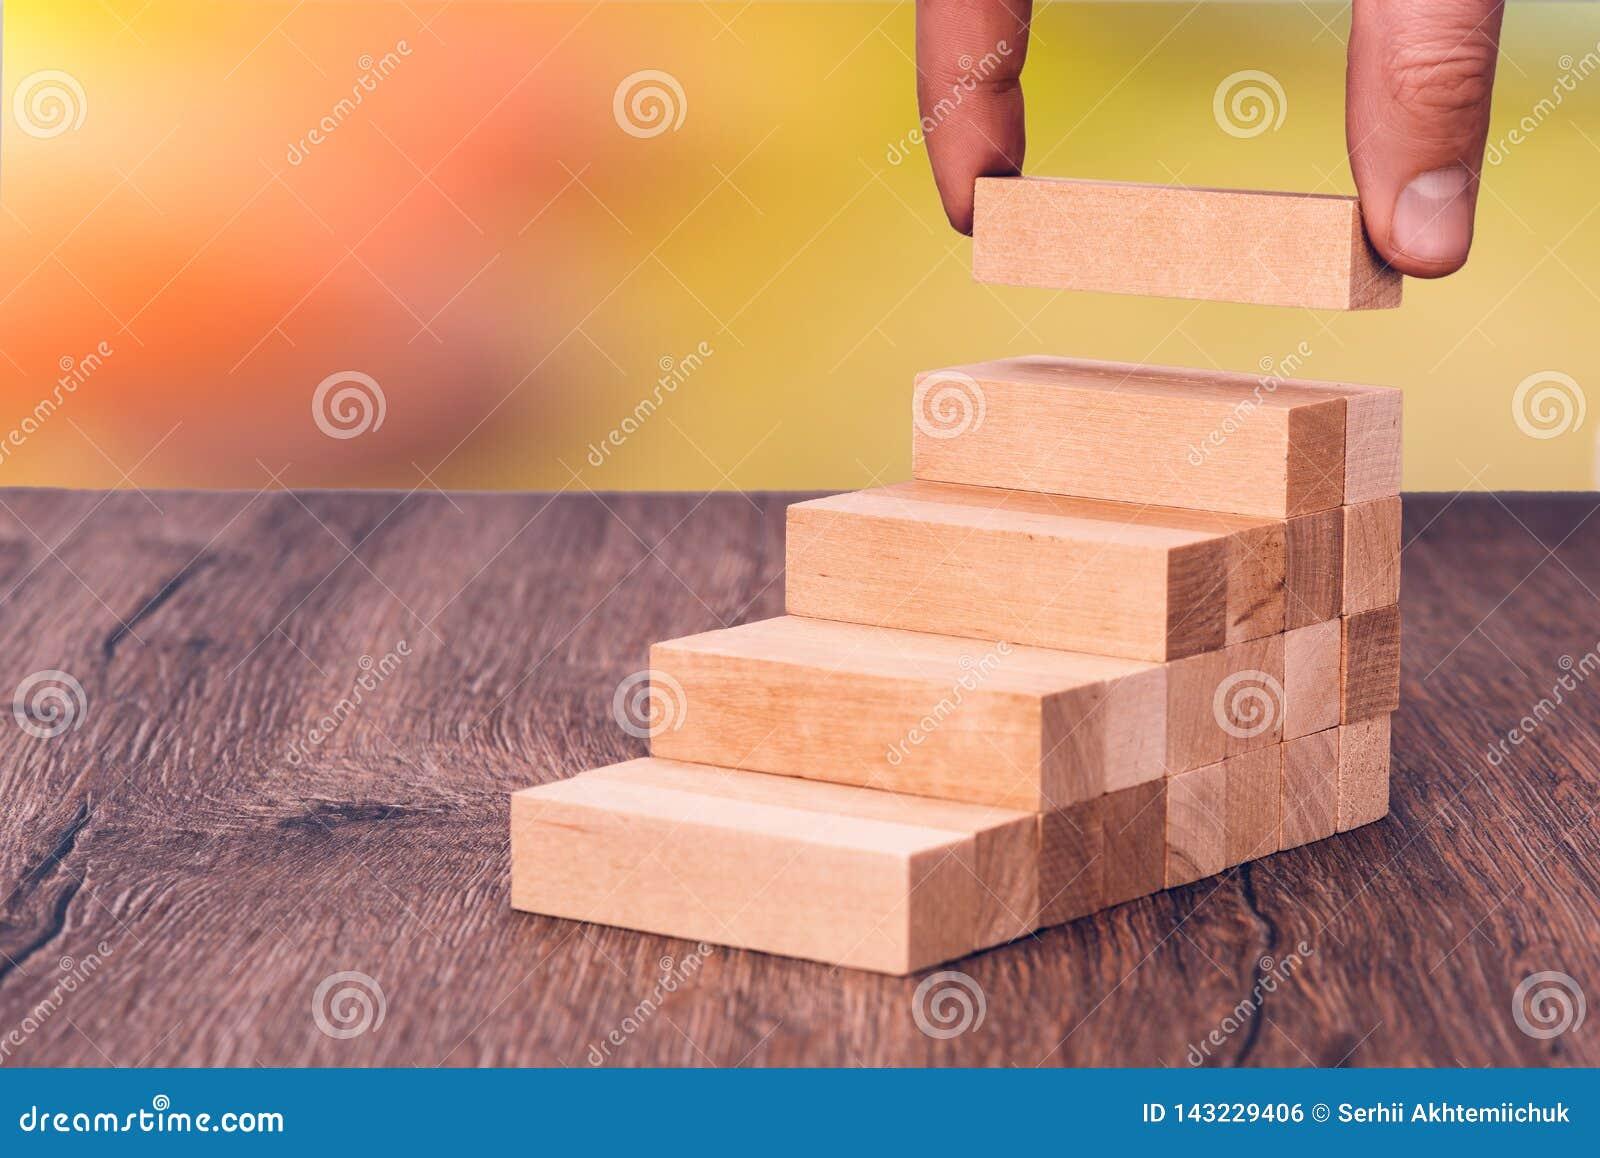 Mann errichtet eine hölzerne Leiter Konzept: stabile Entwicklung